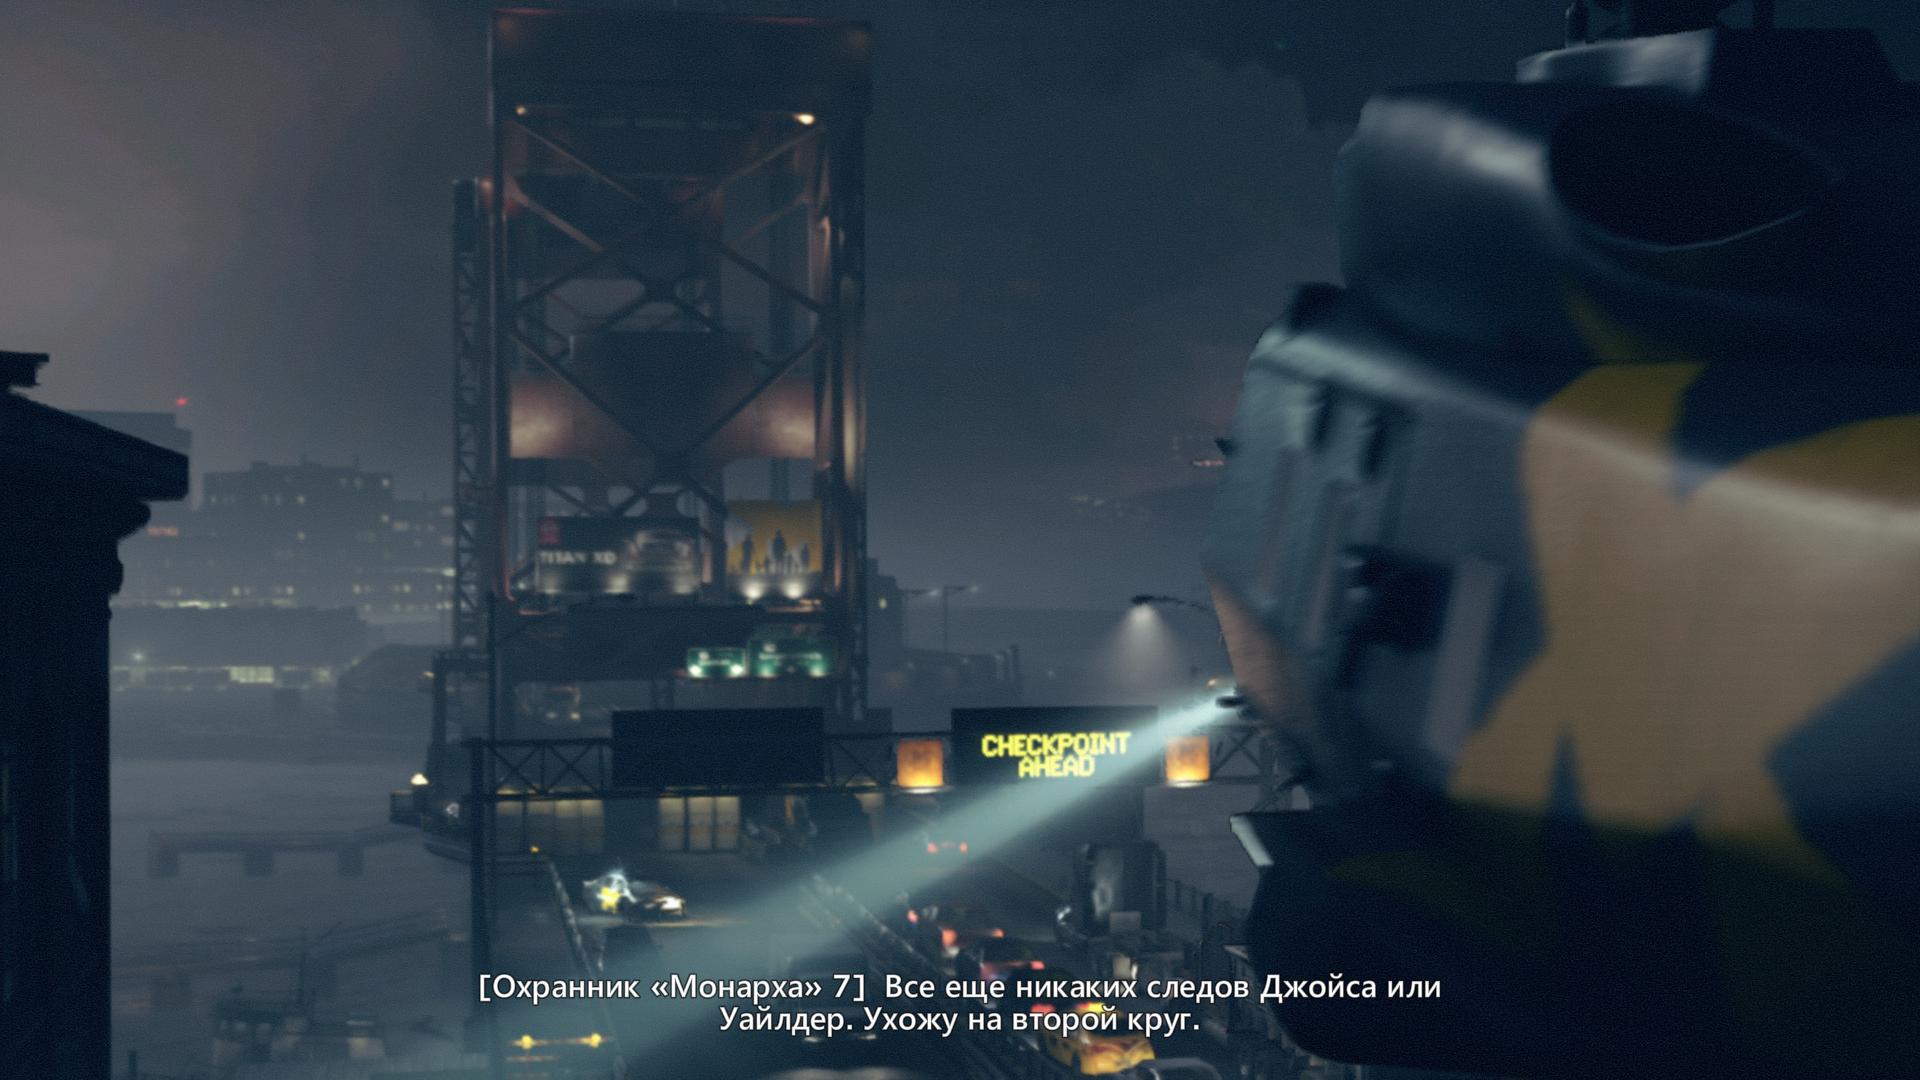 Вопль-прохождение Quantum Break ... ФИНАЛ!!! - Изображение 2